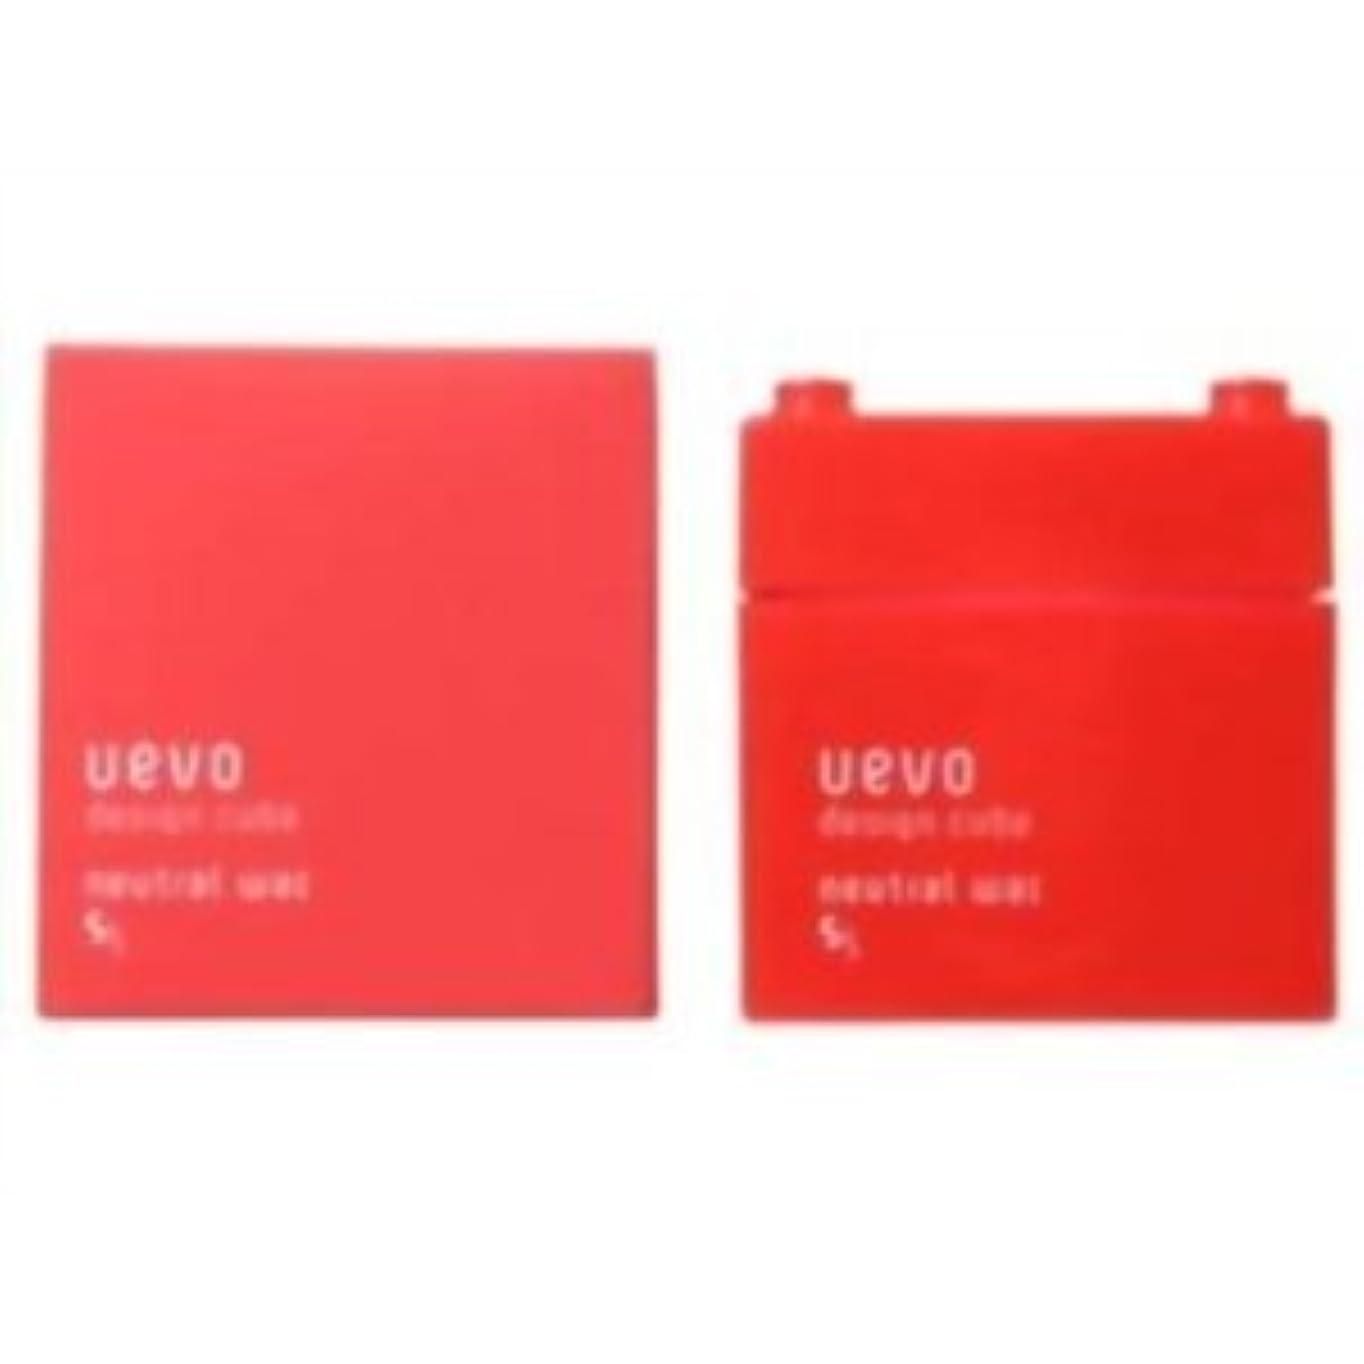 生まれ軽蔑する木材【X3個セット】 デミ ウェーボ デザインキューブ ニュートラルワックス 80g neutral wax DEMI uevo design cube